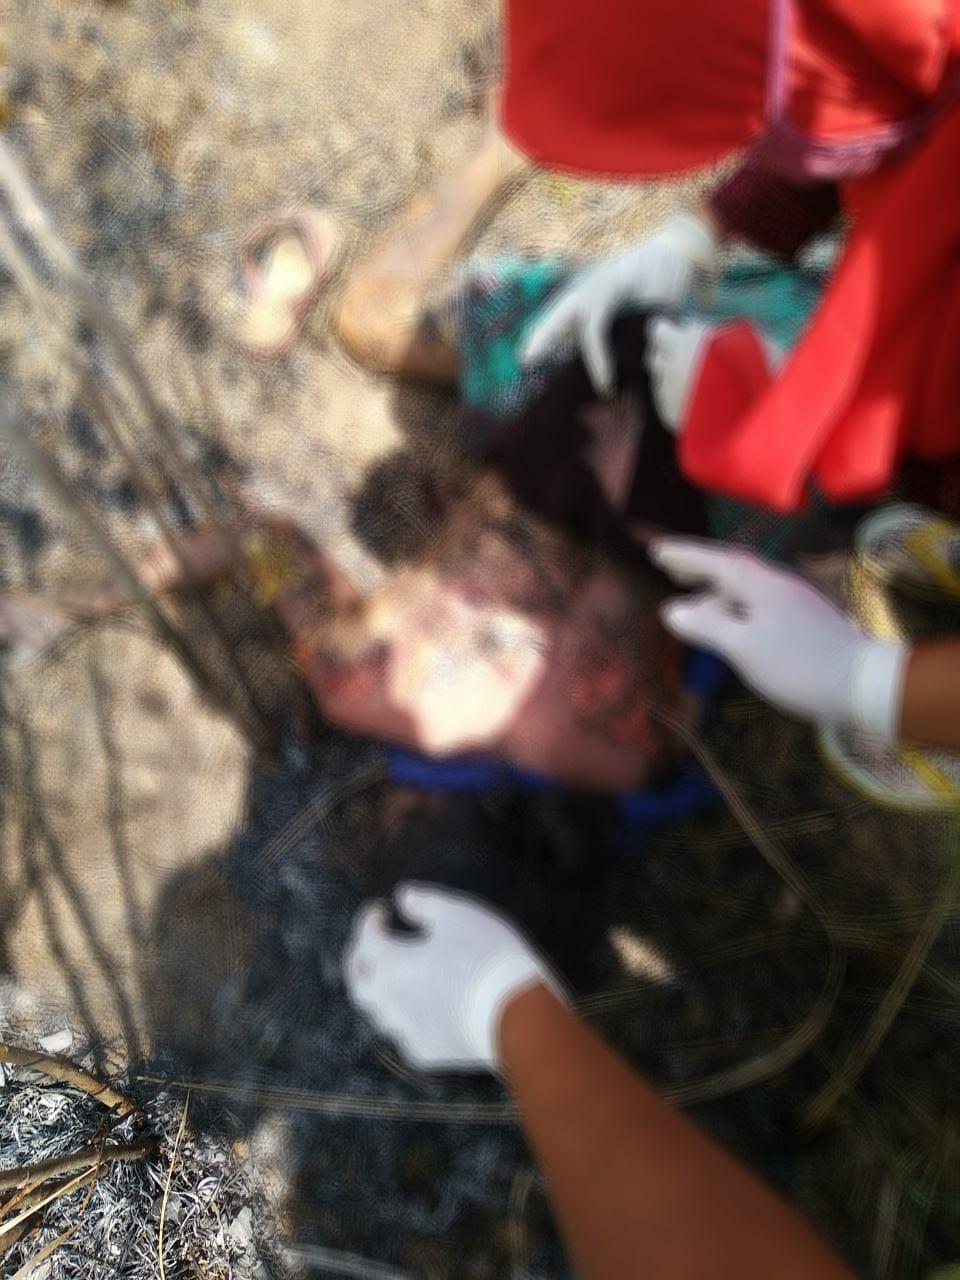 Kebakaran Lahan Ciamis, Seorang Wanita Meninggal